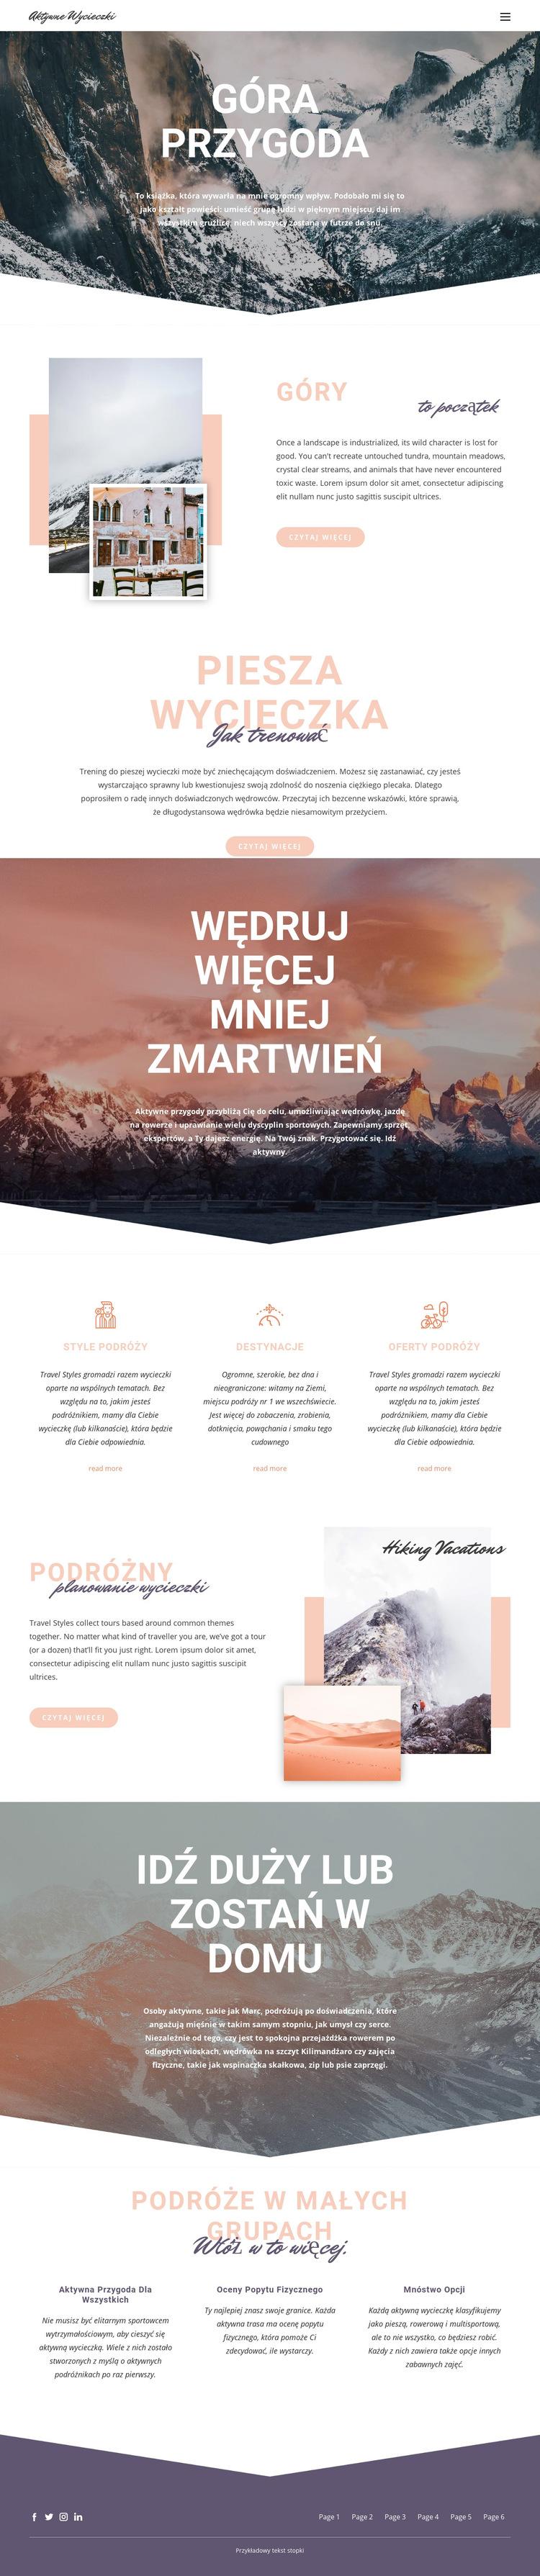 Górska przygoda Szablon witryny sieci Web